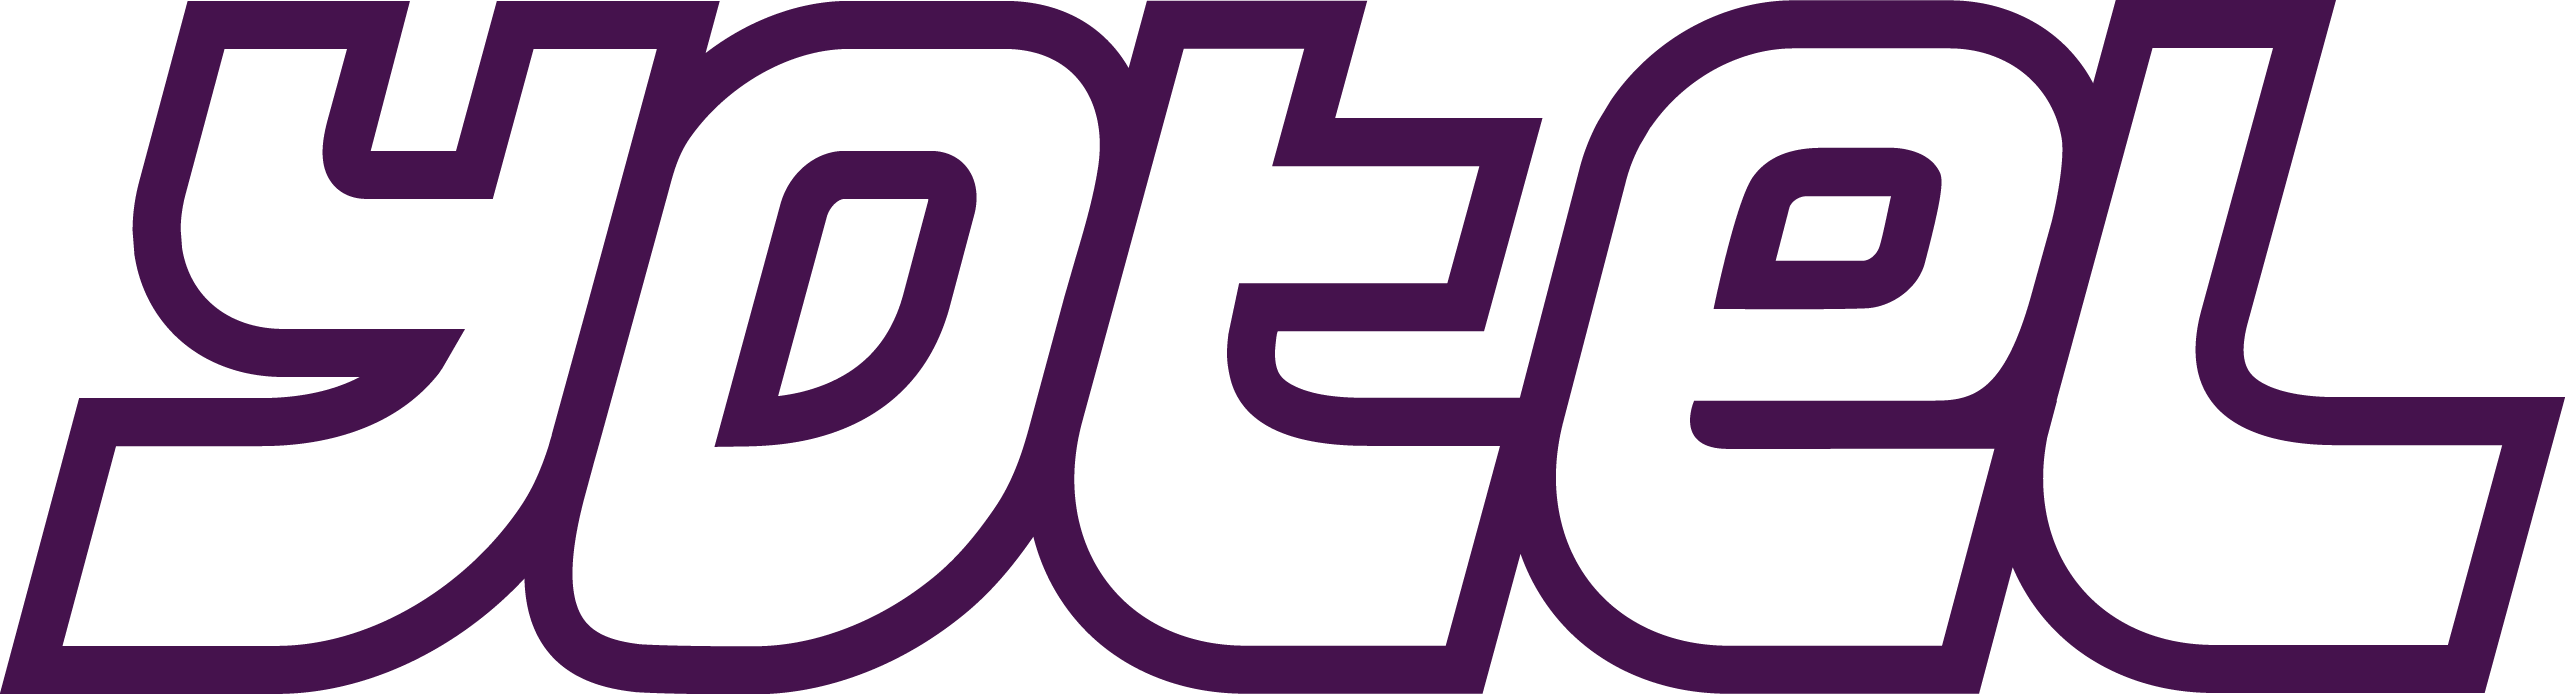 Yotel Logo PNG